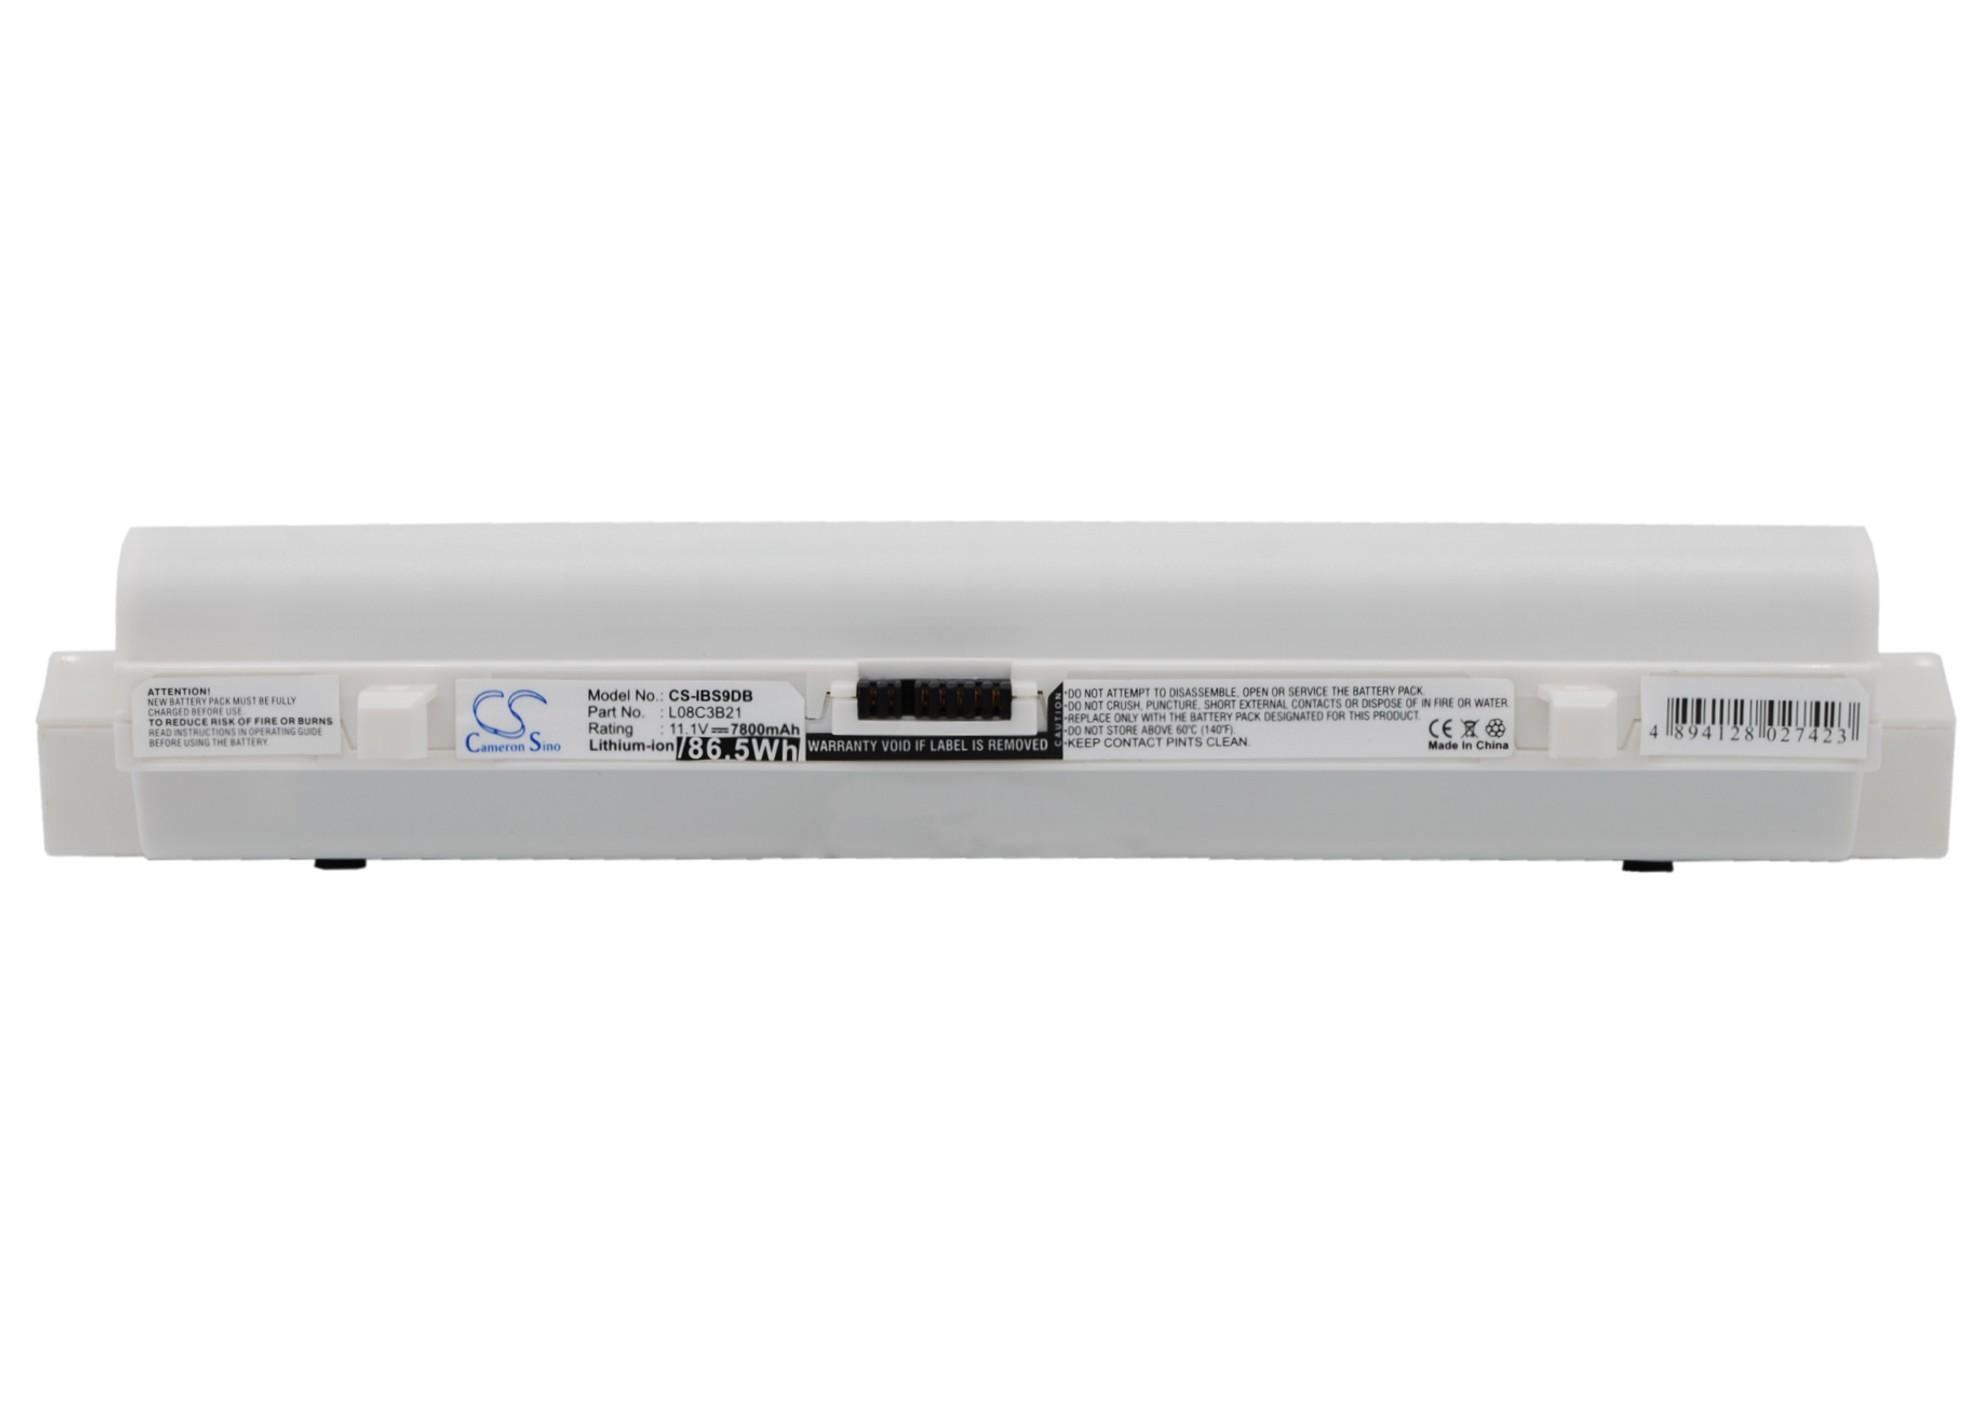 Cameron Sino baterie do notebooků pro LENOVO ideapad S10L 11.1V Li-ion 7800mAh bílá - neoriginální